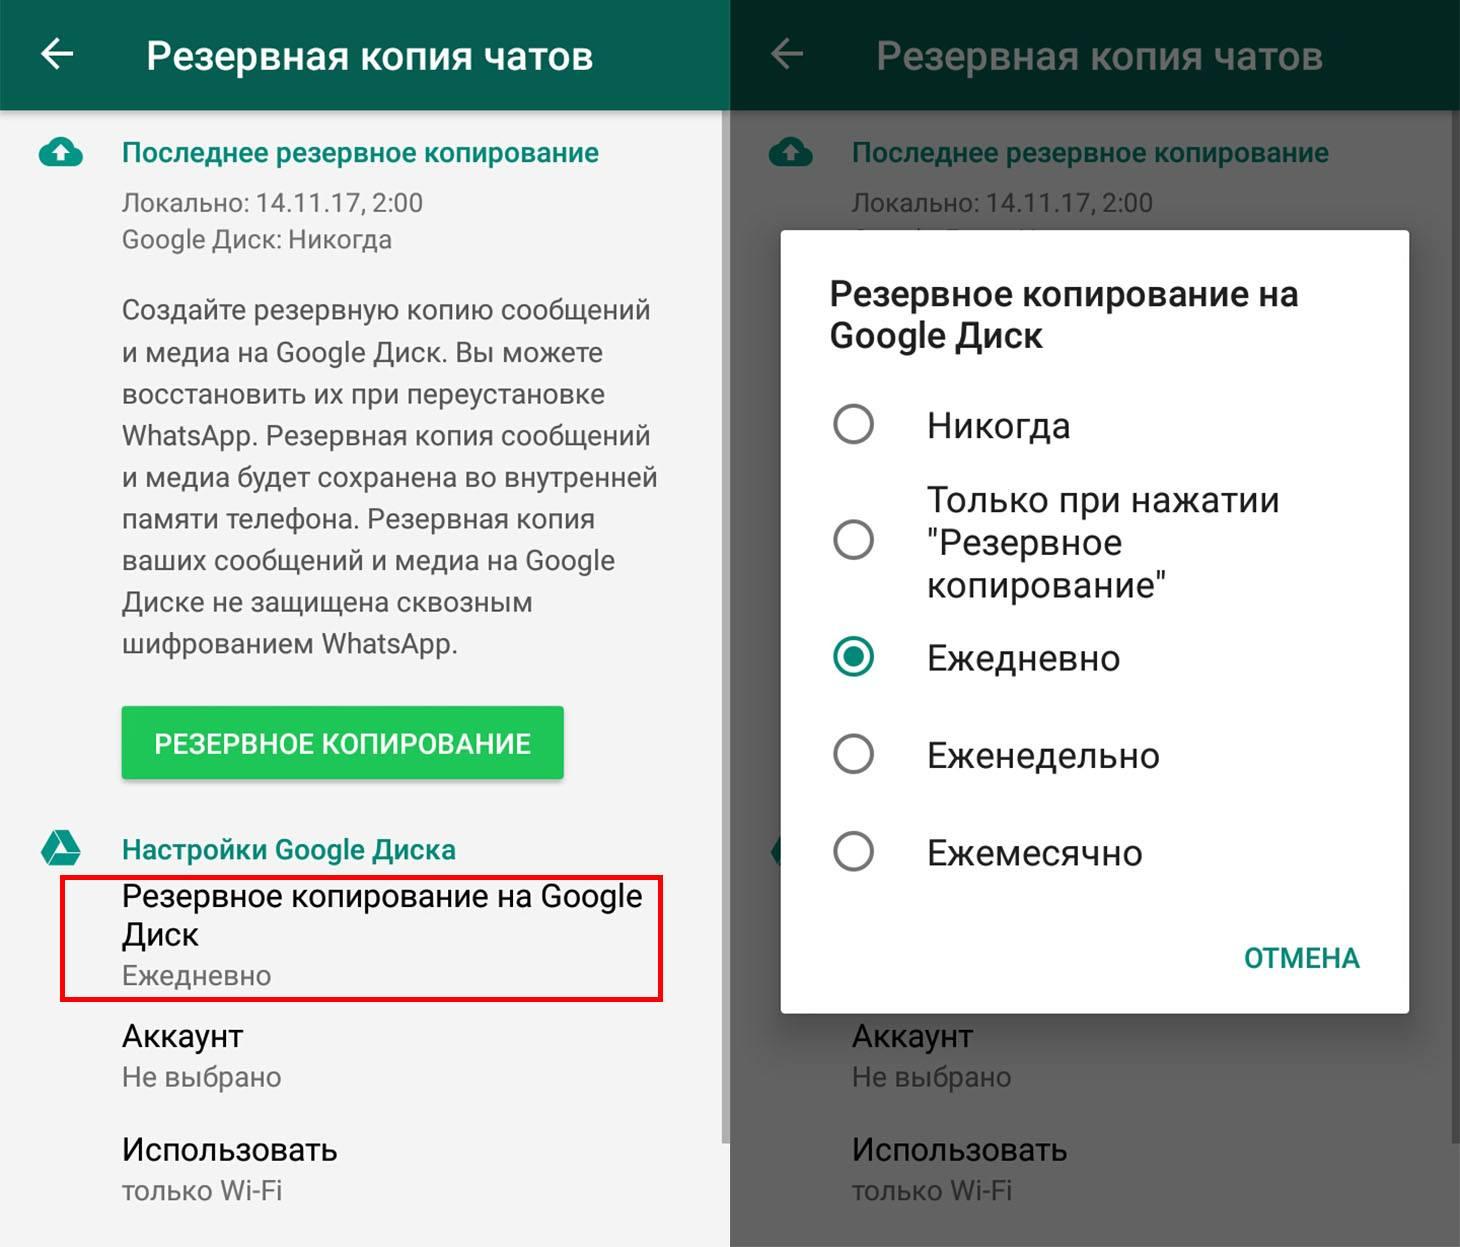 kak ubrat rezervnoe kopirovanie v whatsapp